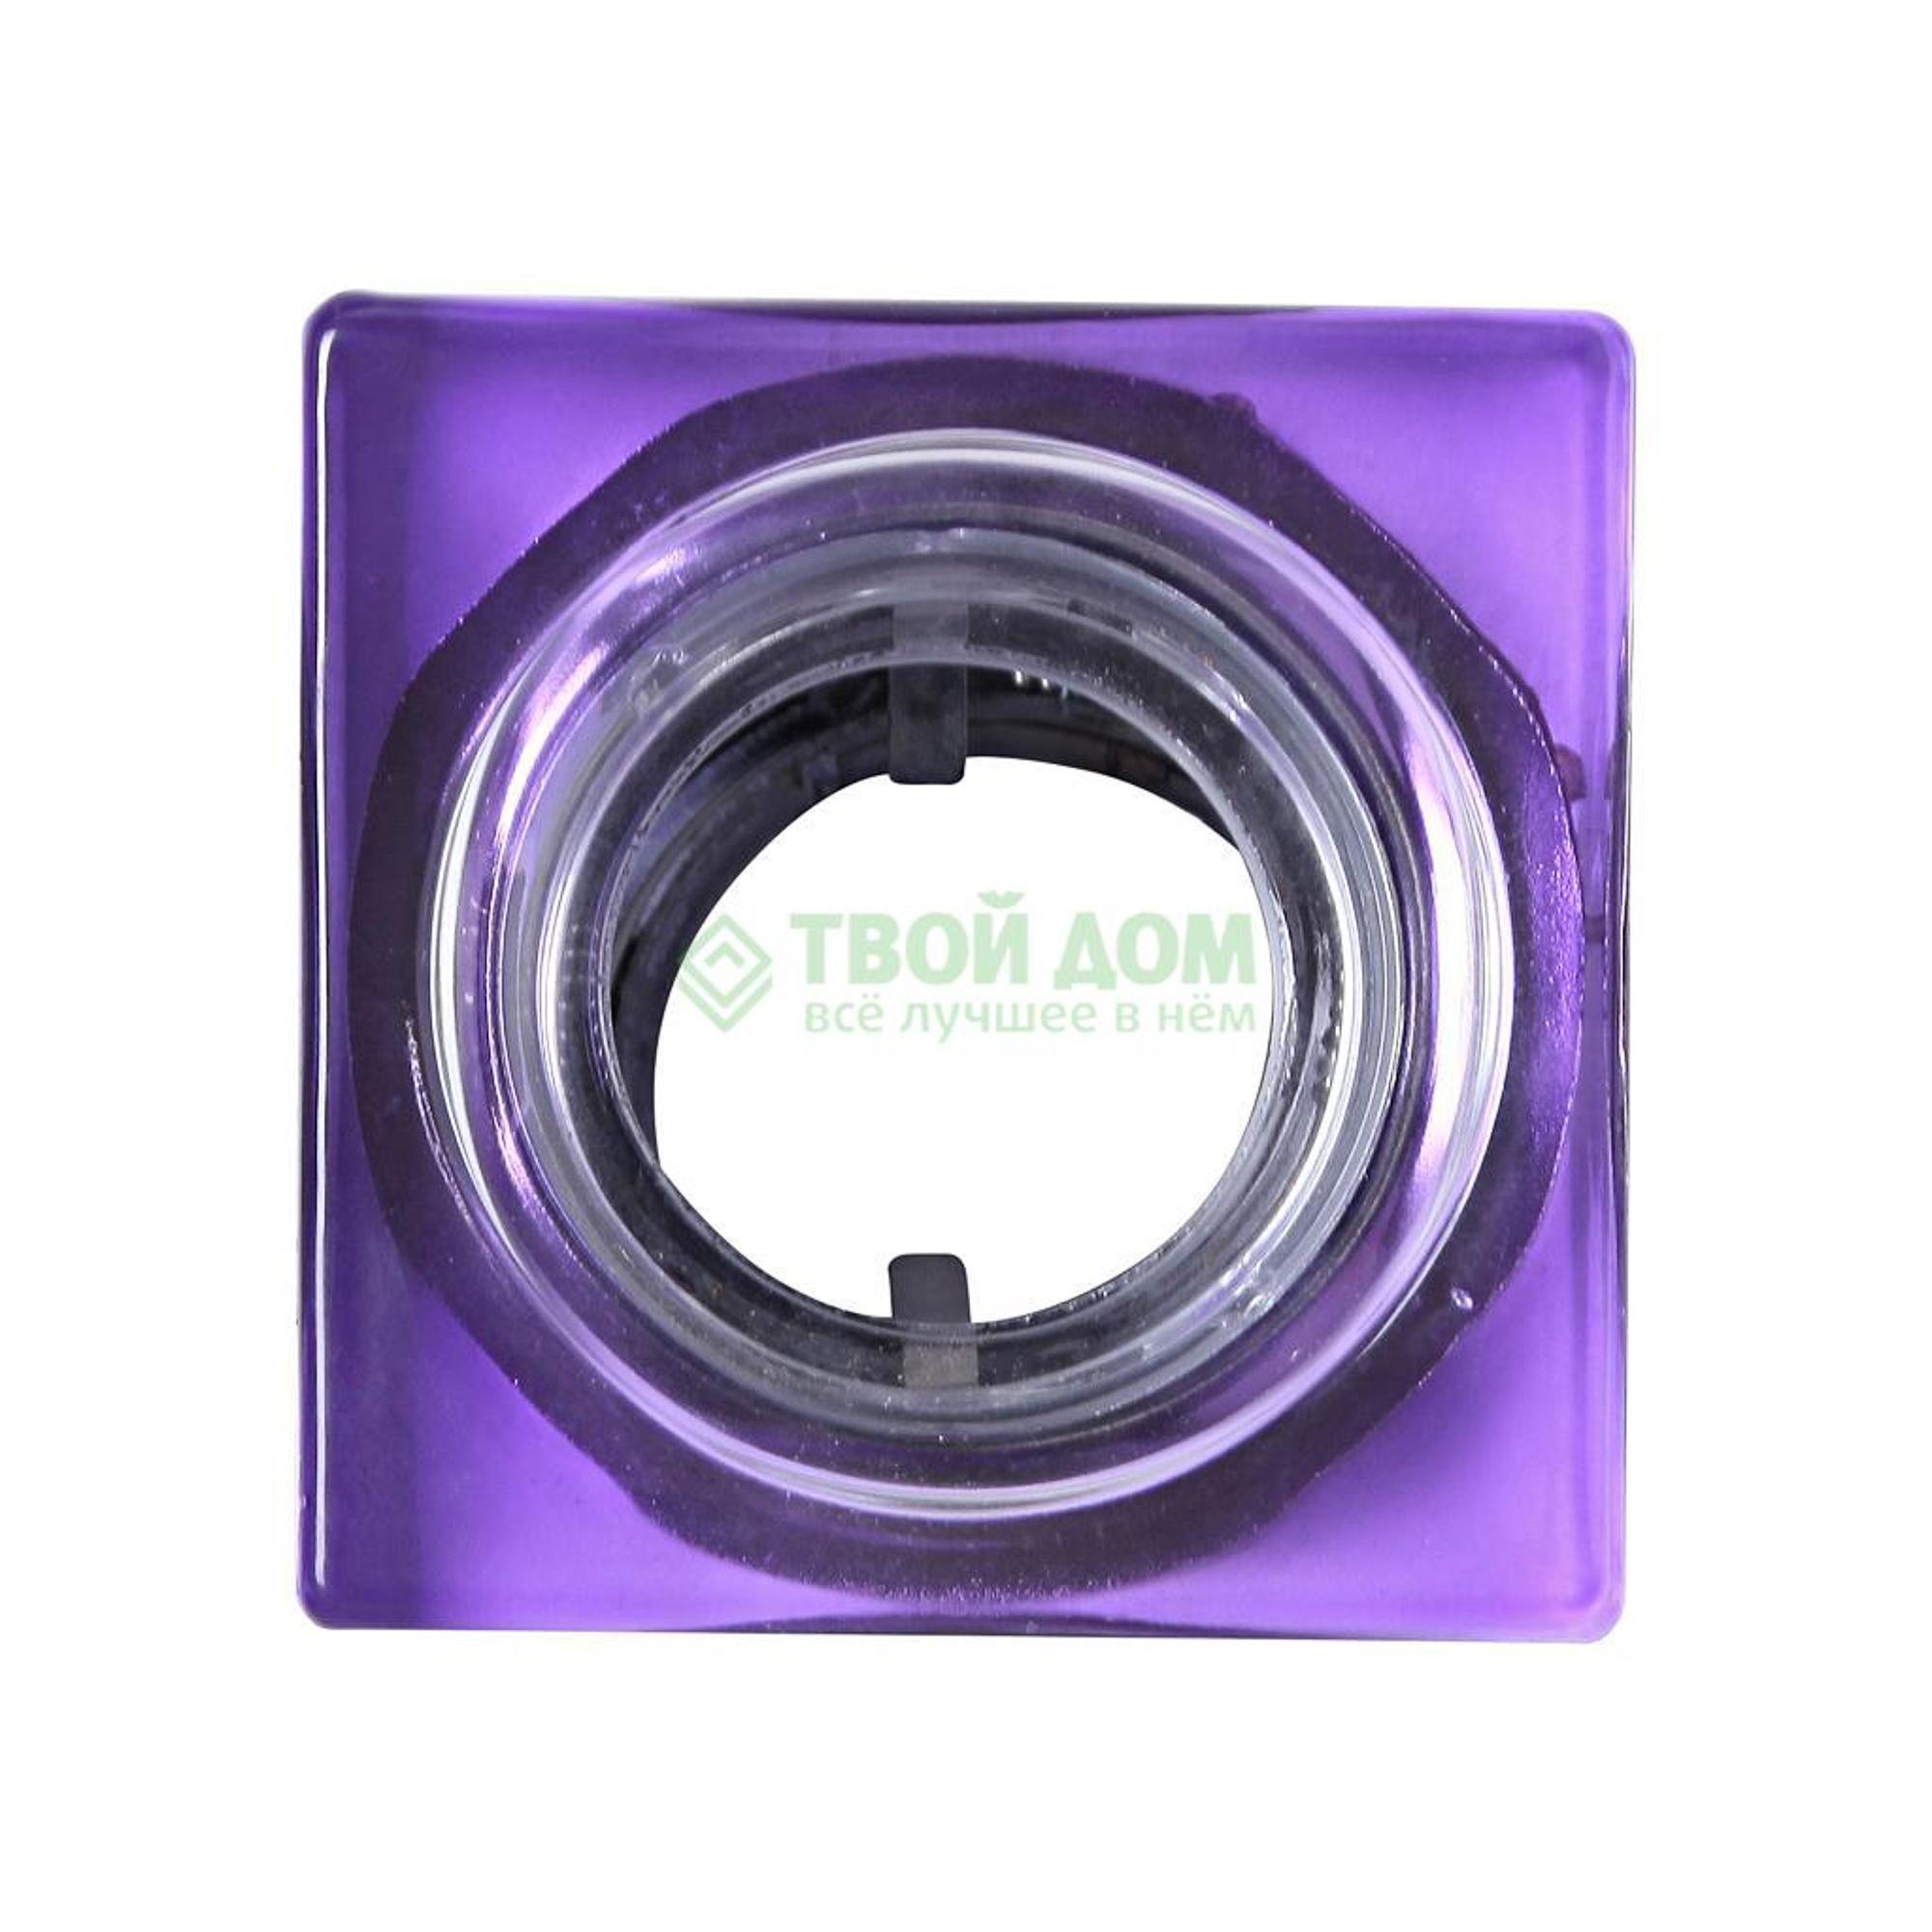 Потолочный светильник Fm Iluminacion точечный FM-510/V